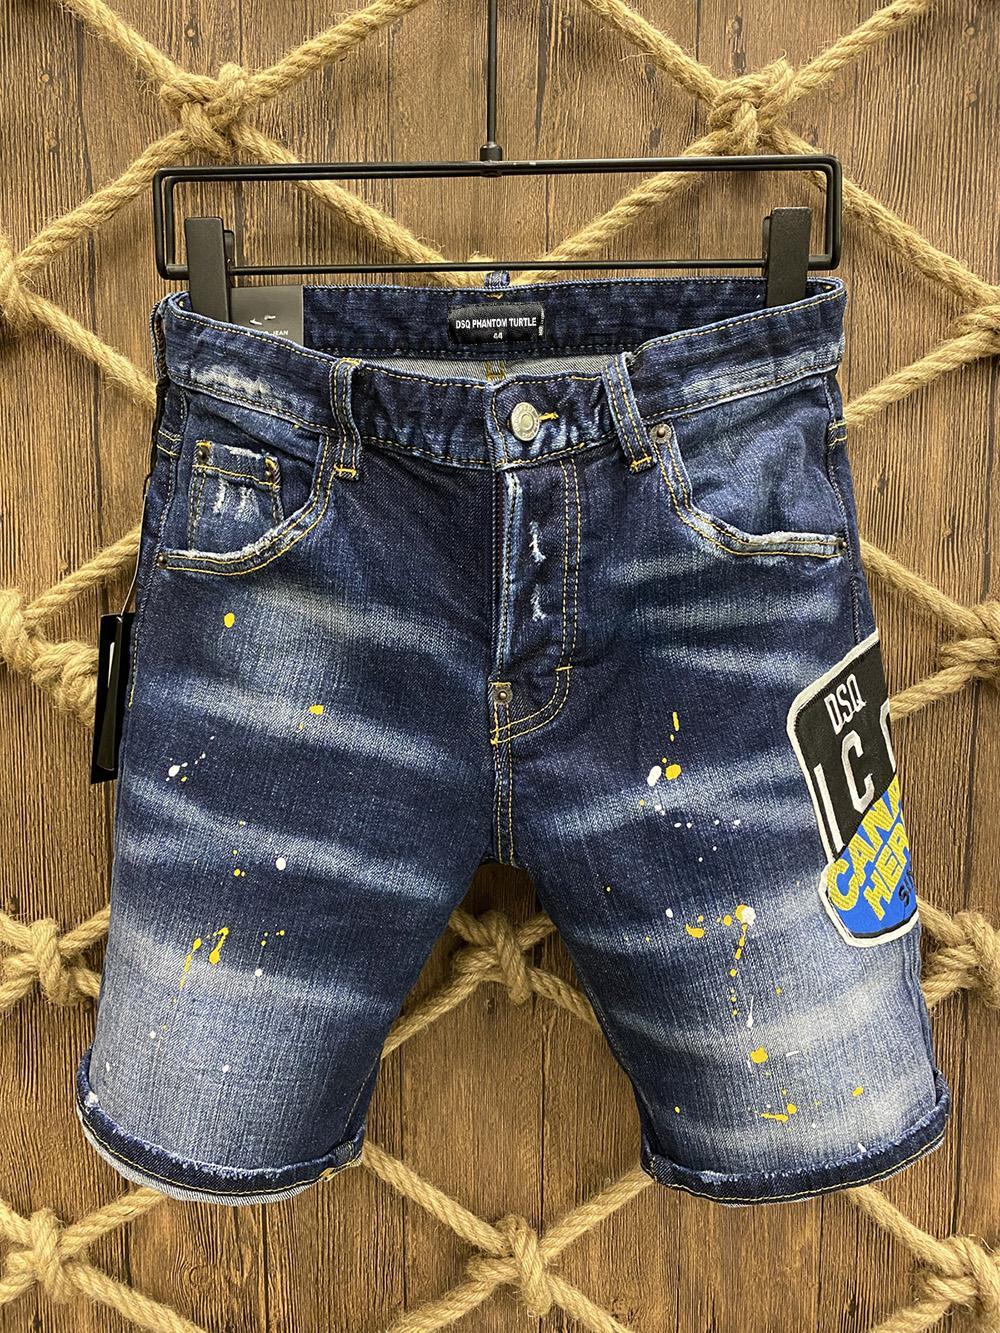 DSQ JEANS MEN JEANS MENS MENS DE DESIGNERJEUX SKINNY RIPPÉRÉ COOL GUY GUY DENIM Denim Fashion Brand Fit Jeans Hommes Pantalon lavé 10167